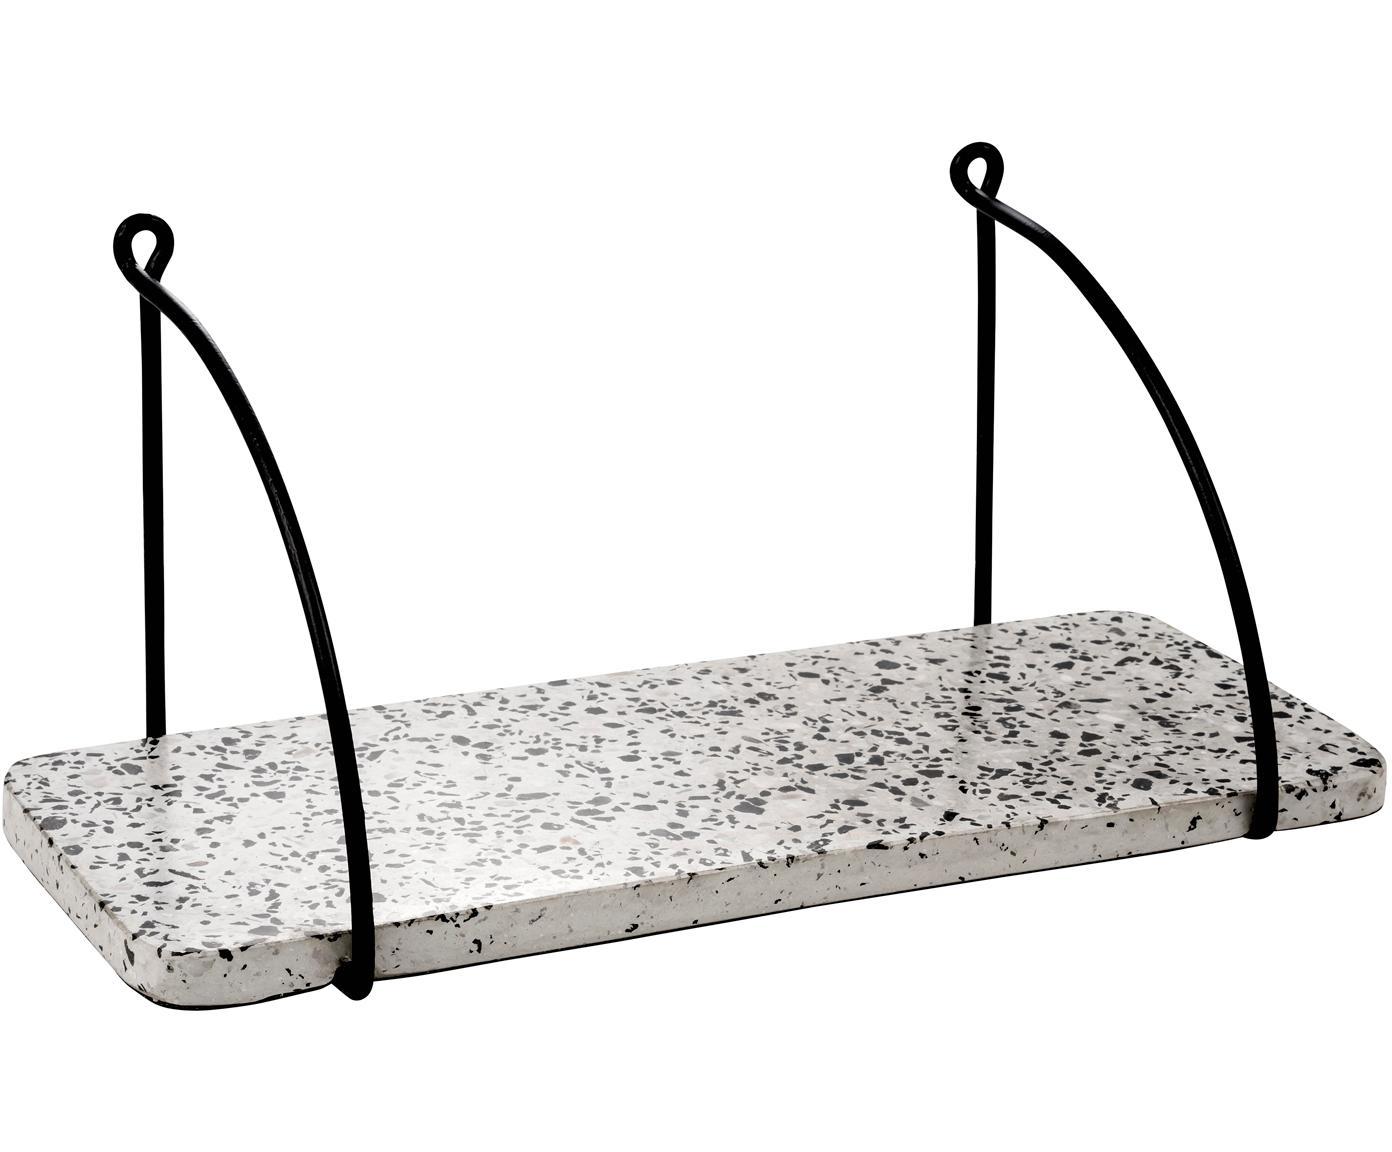 Mensole a muro in terrazzo  Porter, Ripiano: Terrazzo, Bianco, tonalità grigie, nero, Larg. 40 x Alt. 18 cm